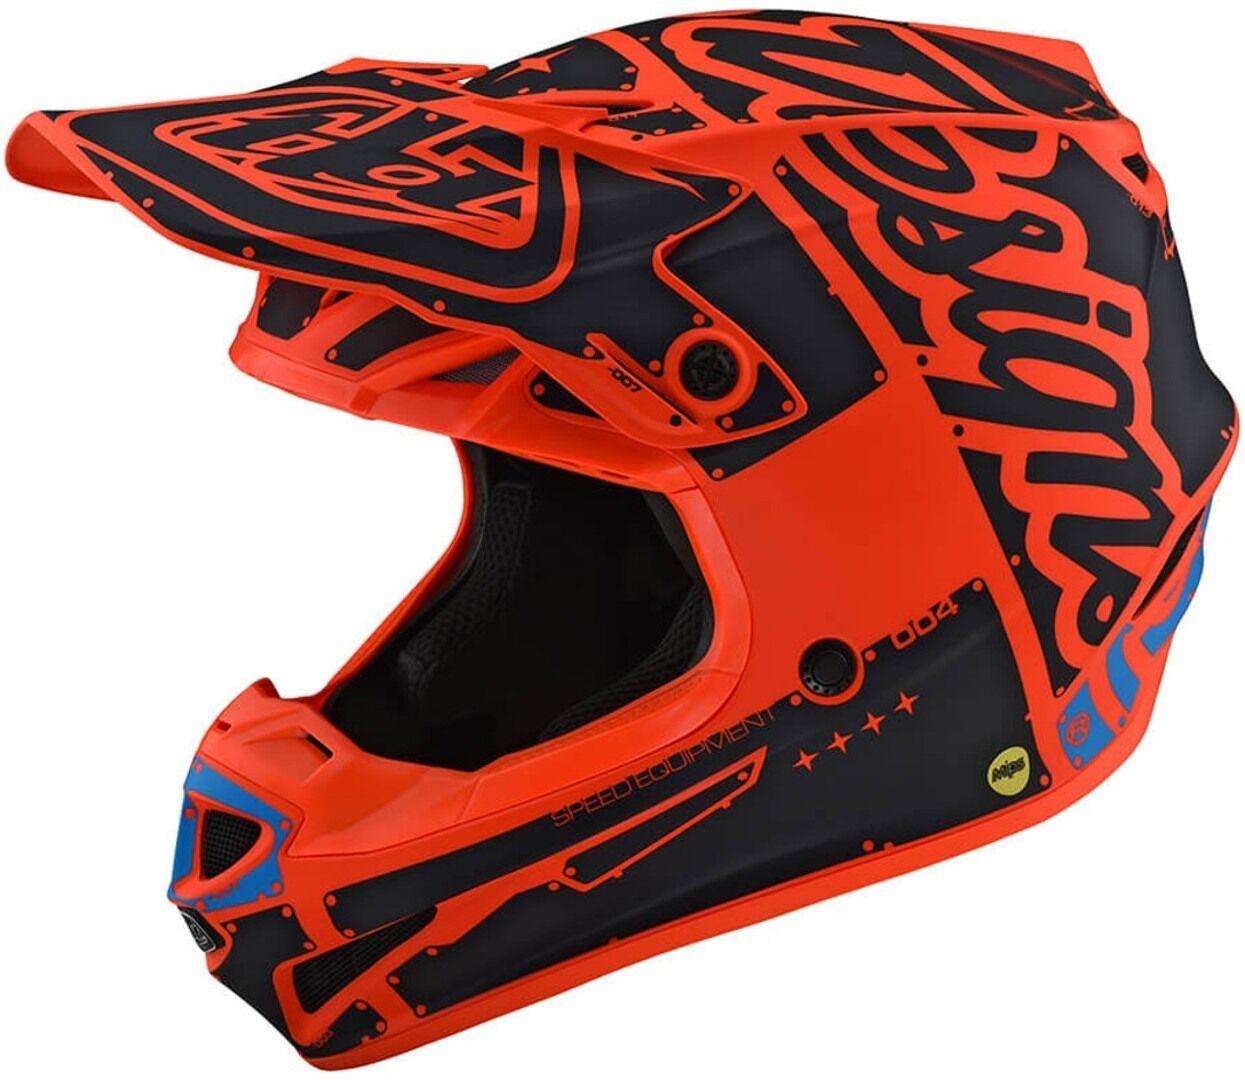 Troy Lee Designs SE4 Polyacrylite Factory Capacete de Motocross